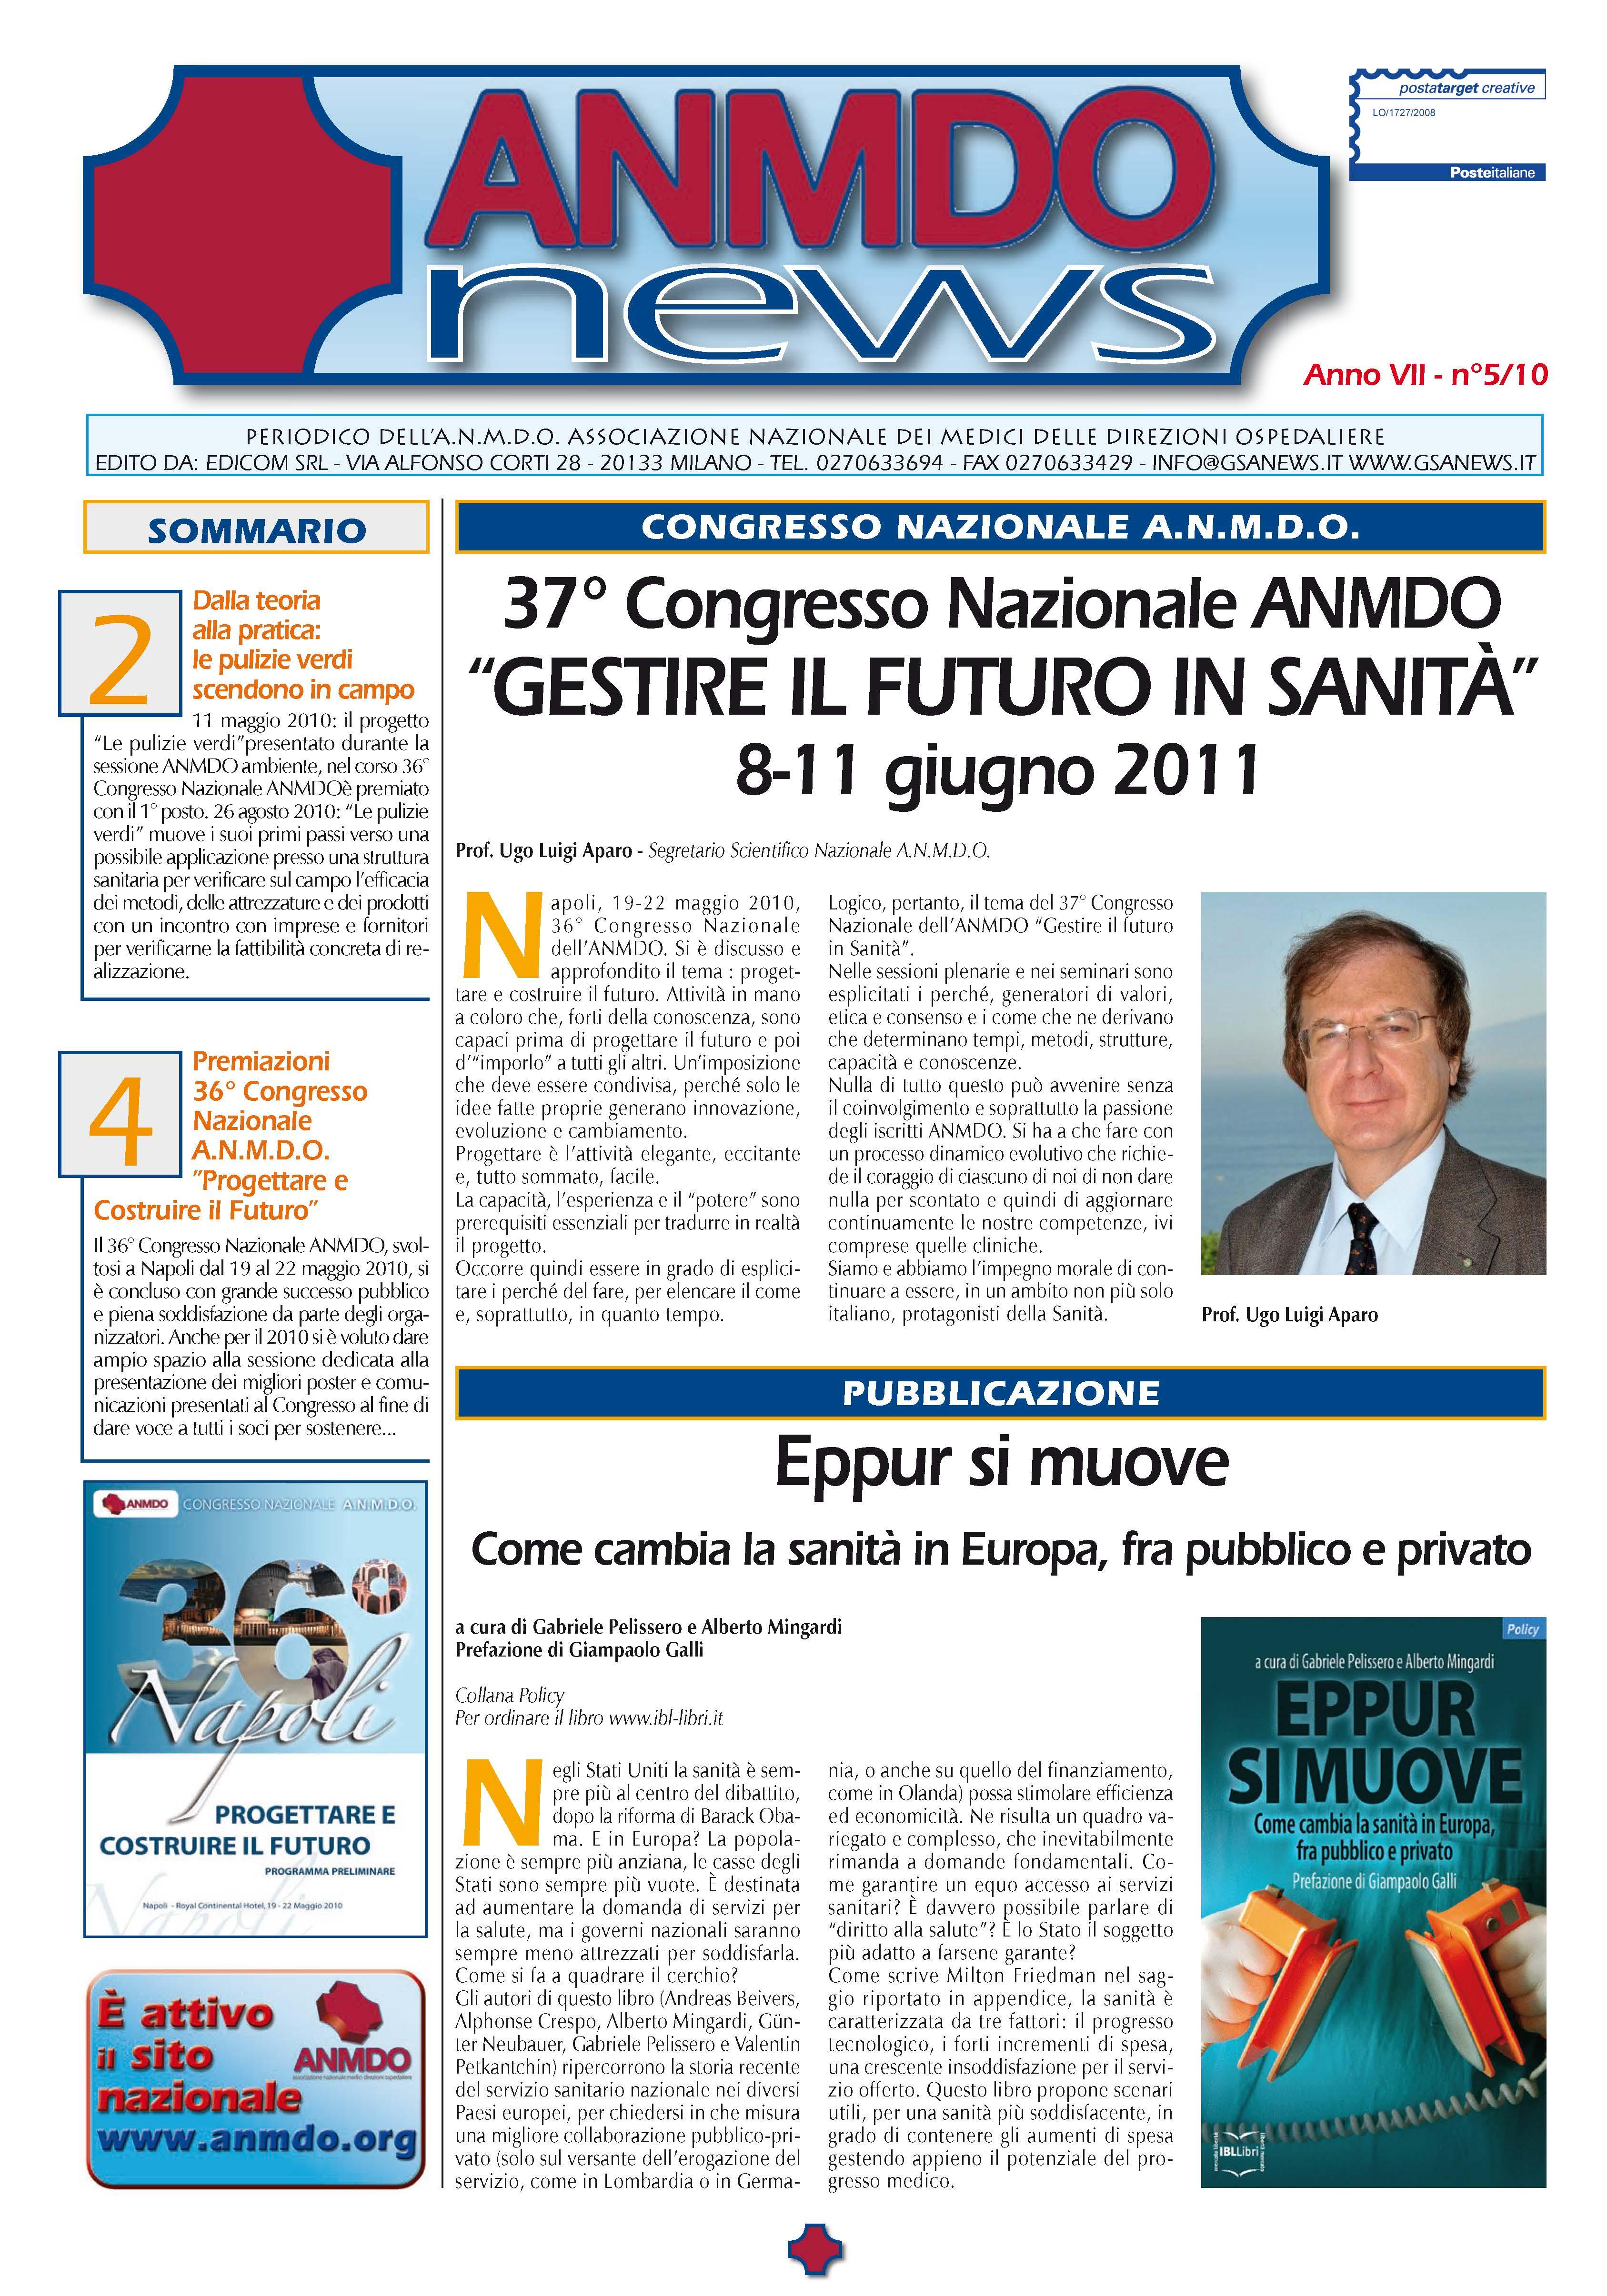 pagine-da-anmdonews_5_10